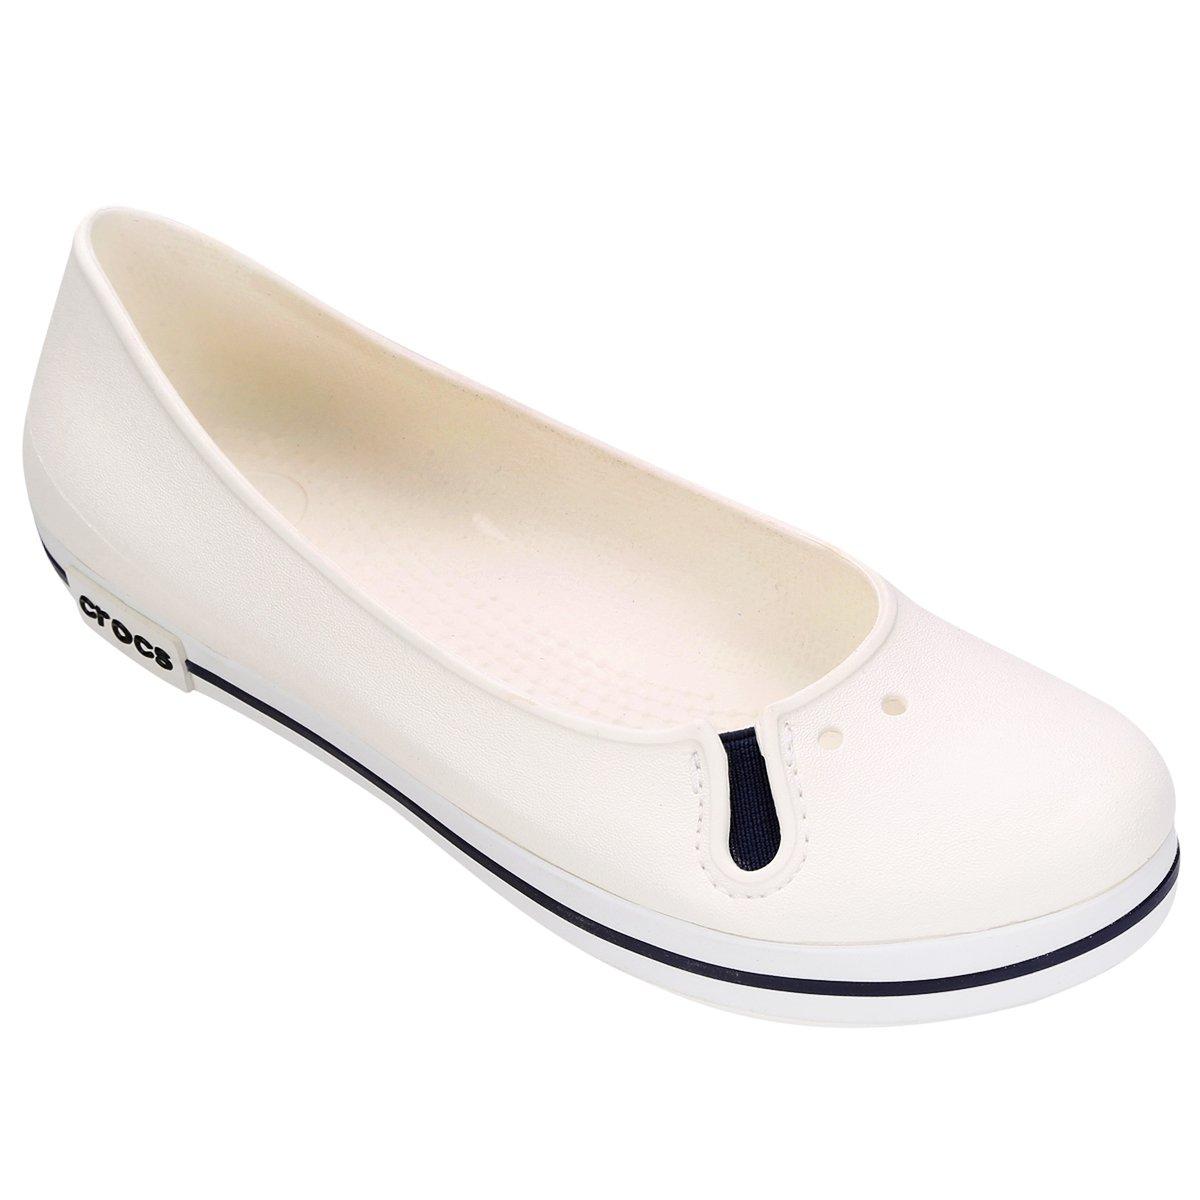 Sapatilha Crocs Crocband Flat